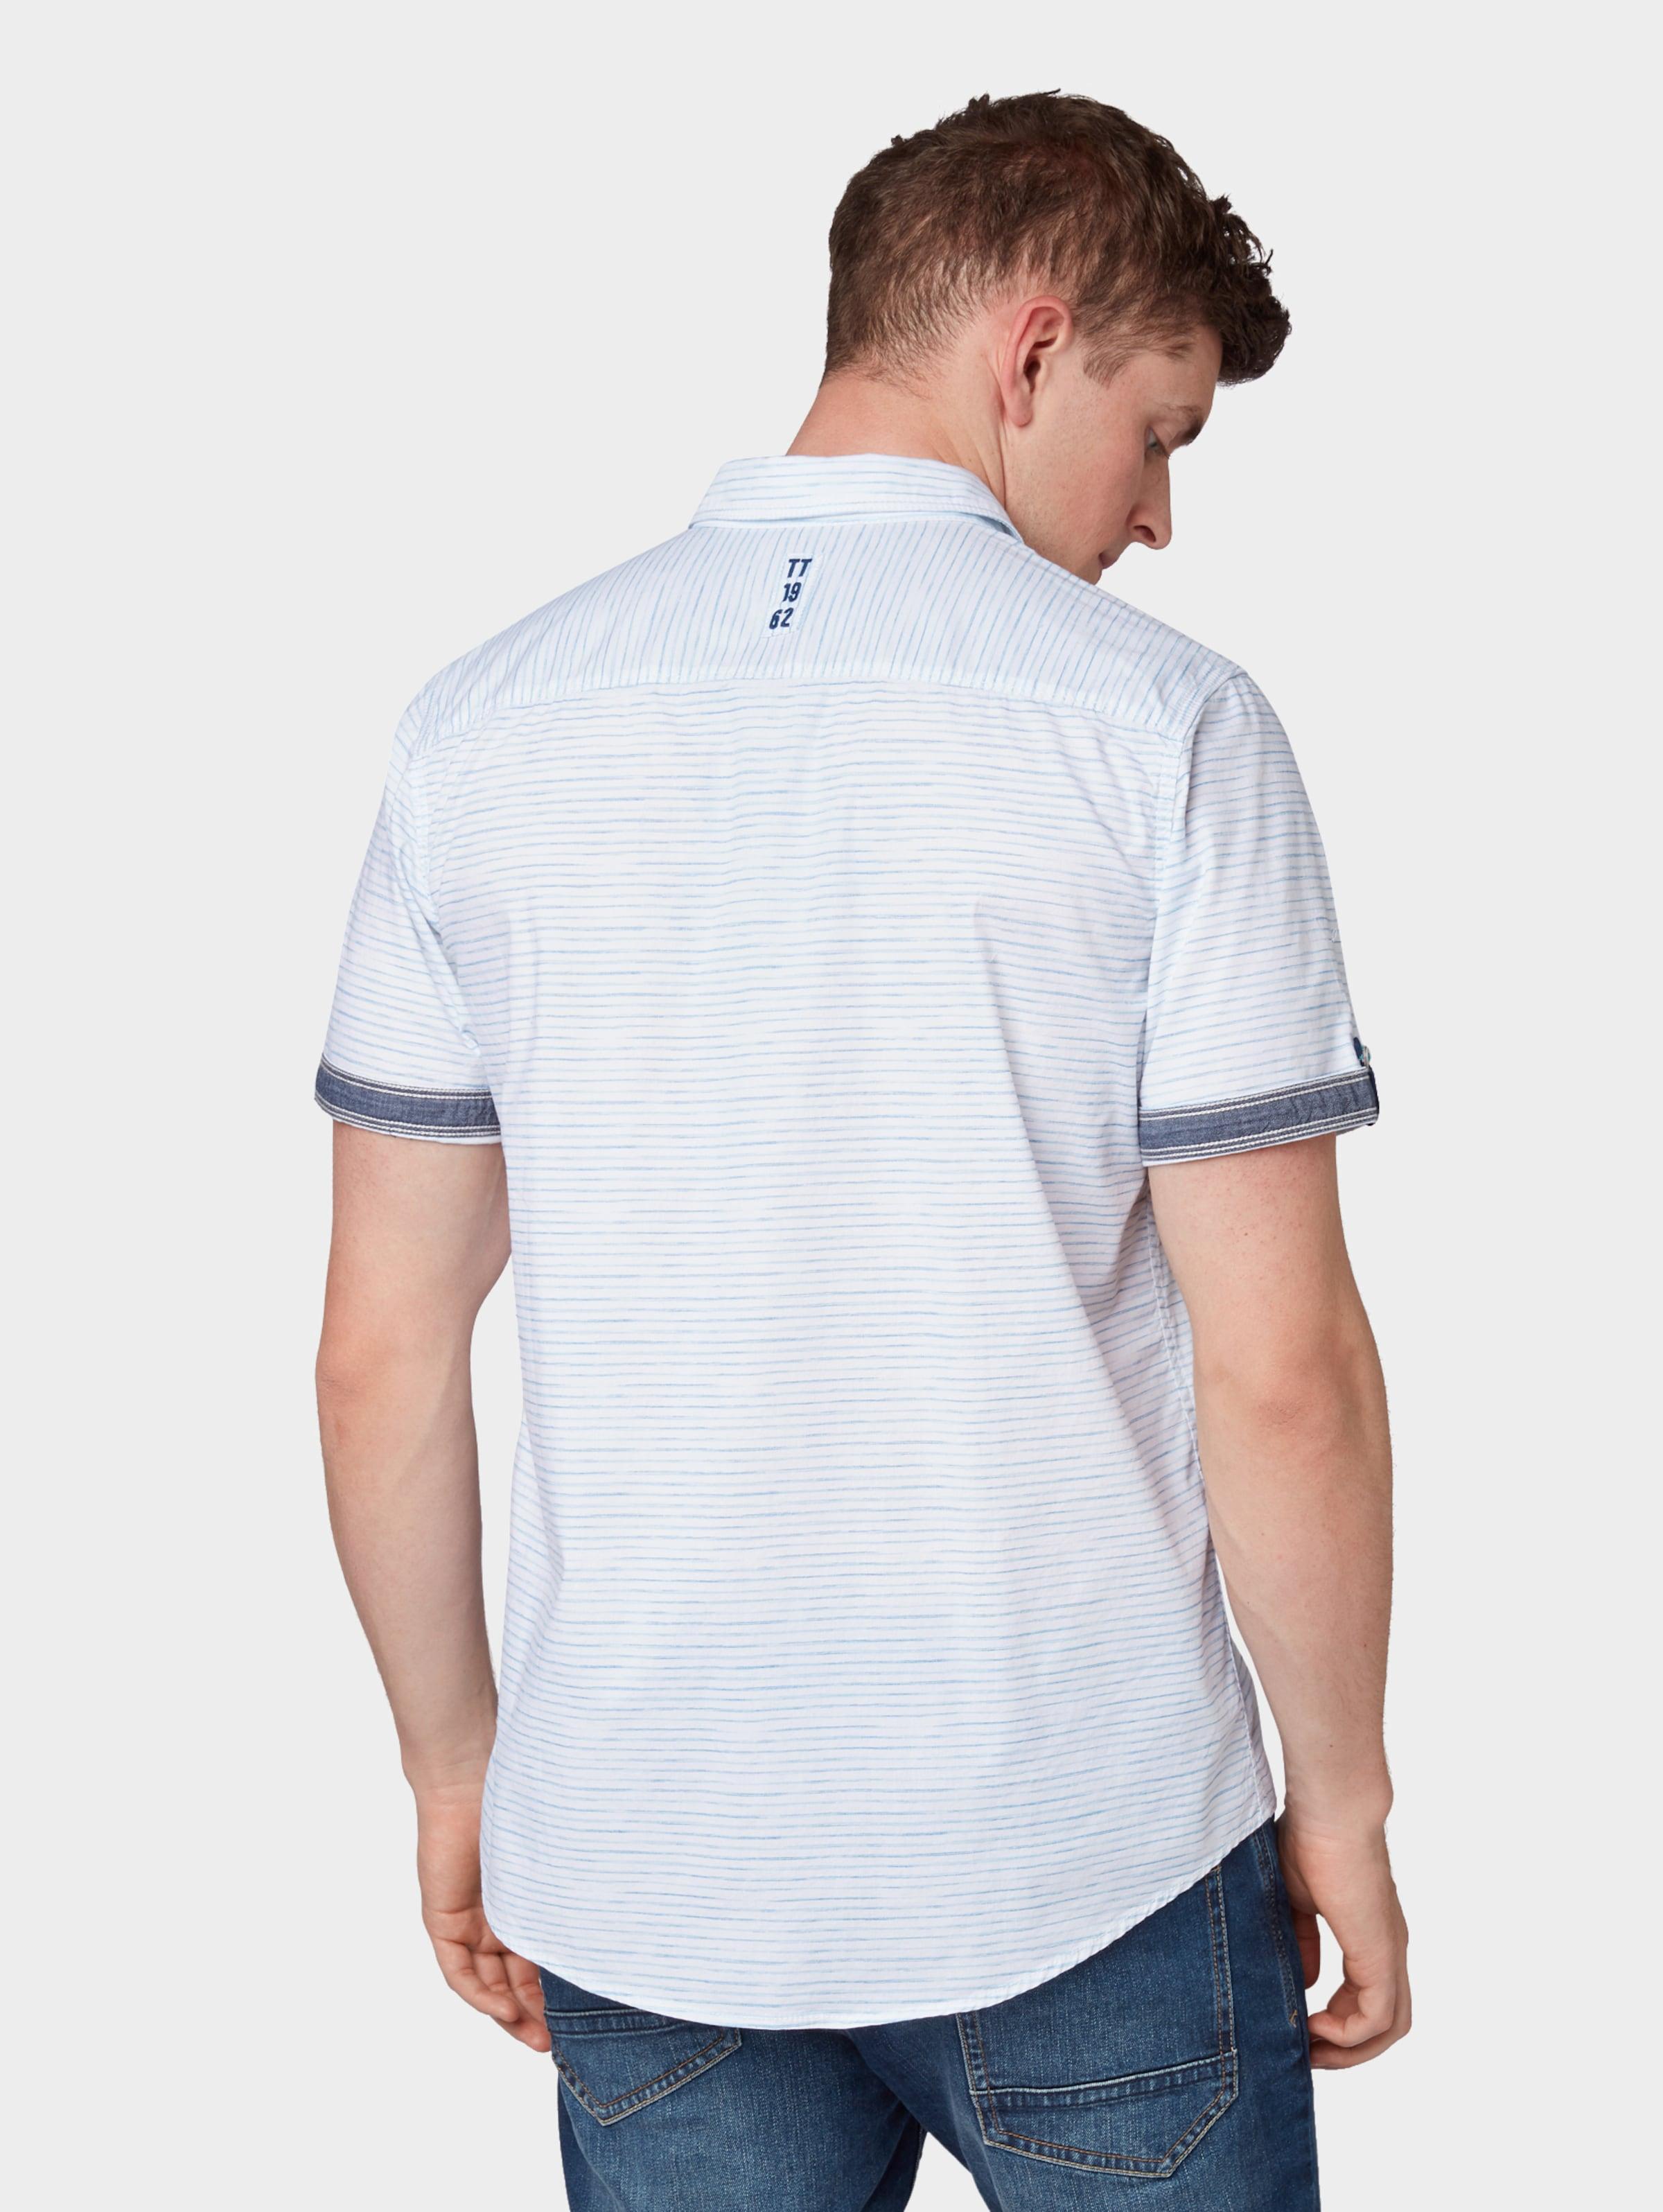 TaubenblauHellblau Weiß Tailor Hemd Tom In TFJ1Klc